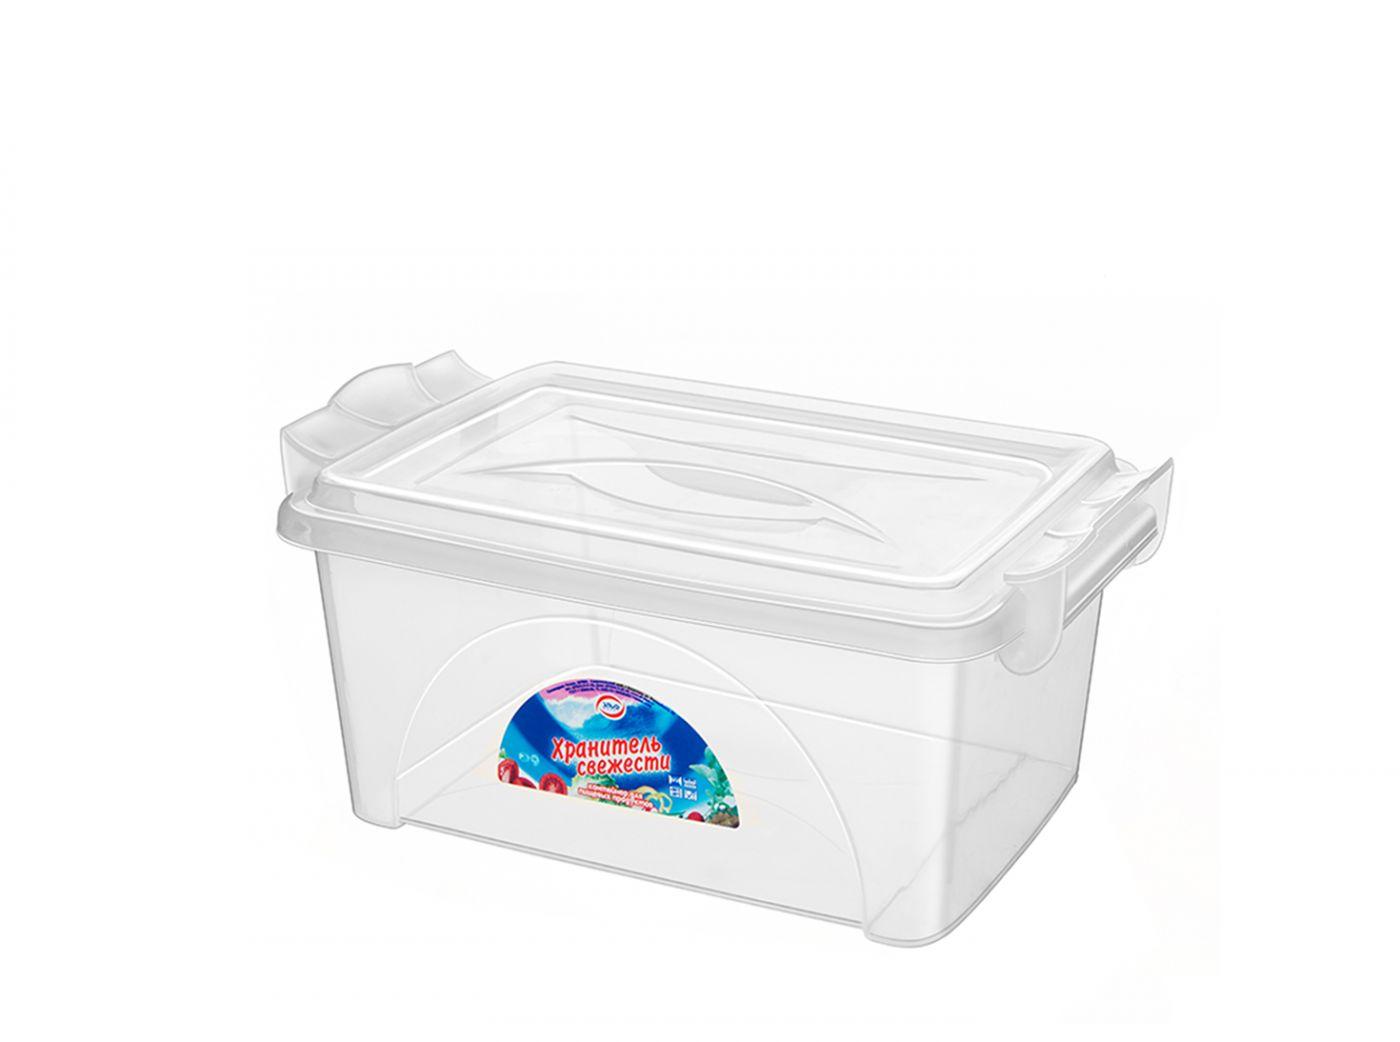 Контейнер для хранения Эльфпласт Хранитель свежести 7,5 литра прозрачный с крышкой 35x23x14,5 см